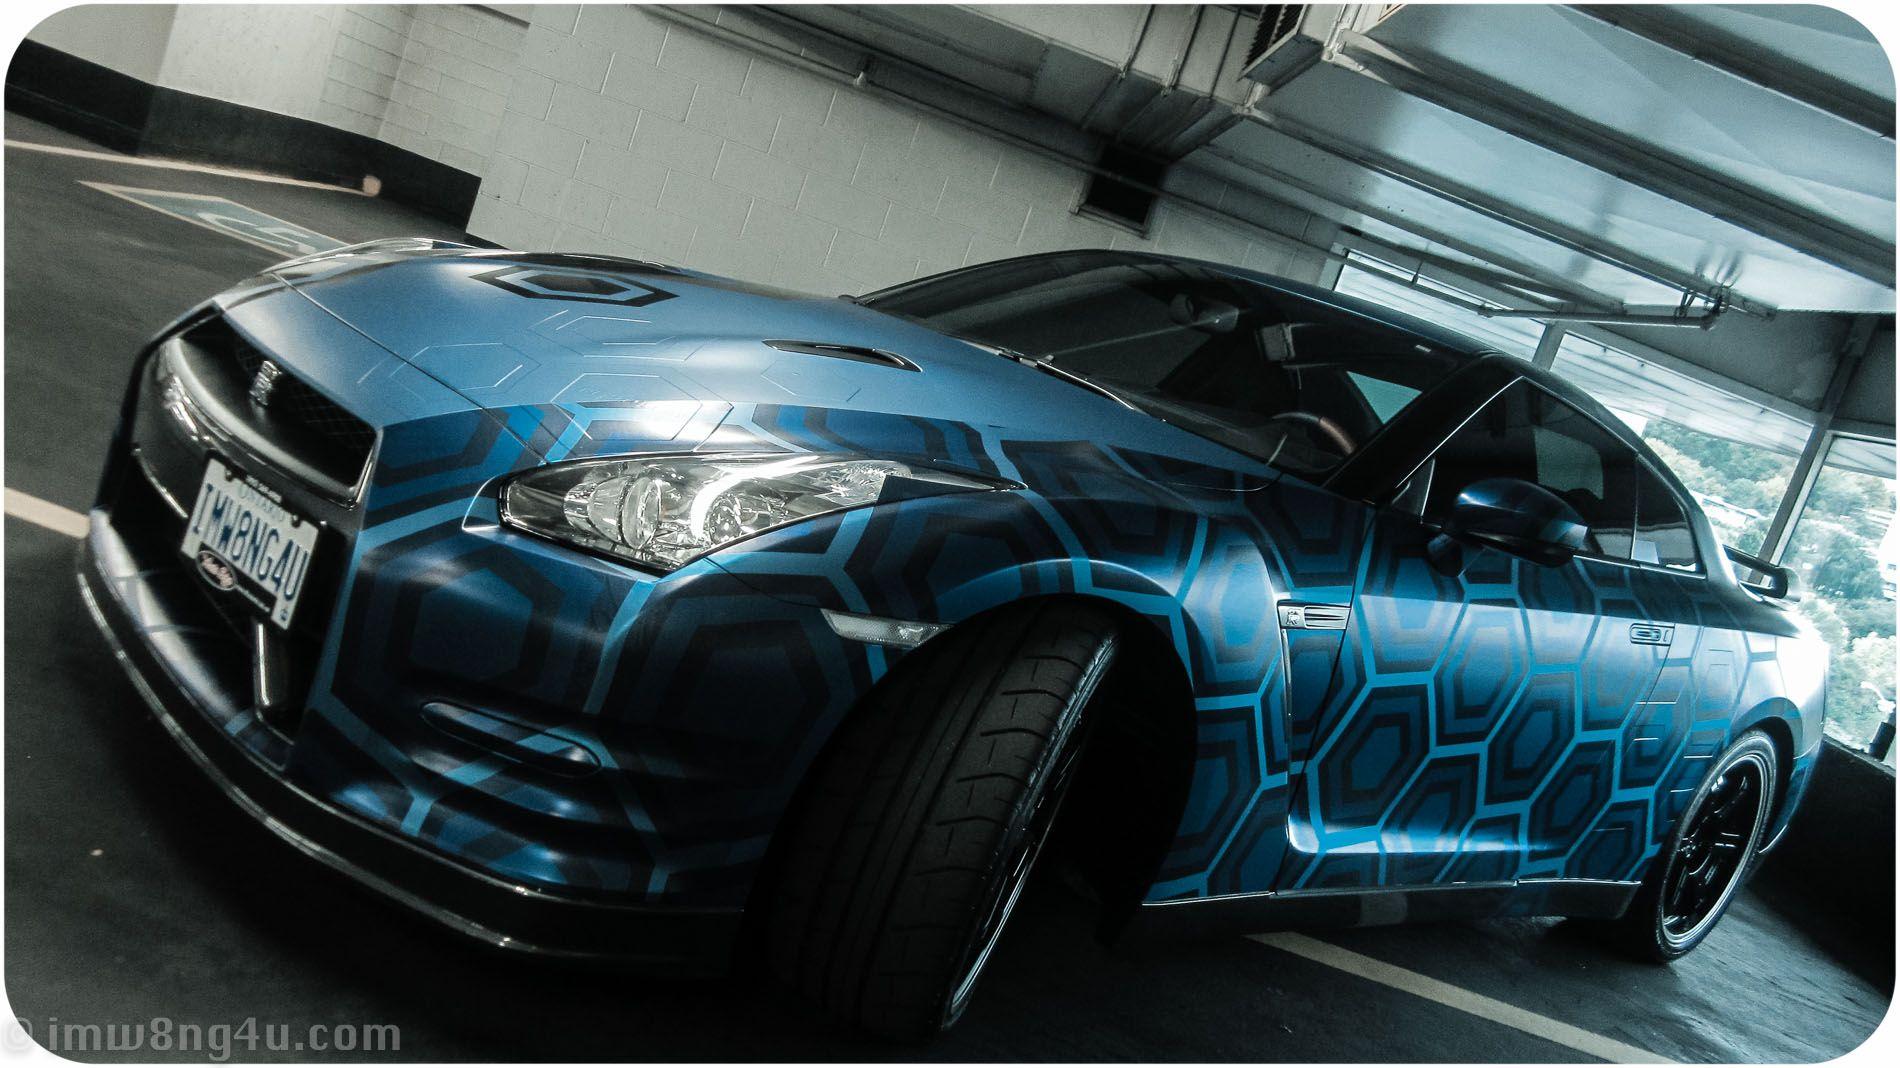 Car Wraps 3d Super Cars Nissan Gtr Car Wrap Design